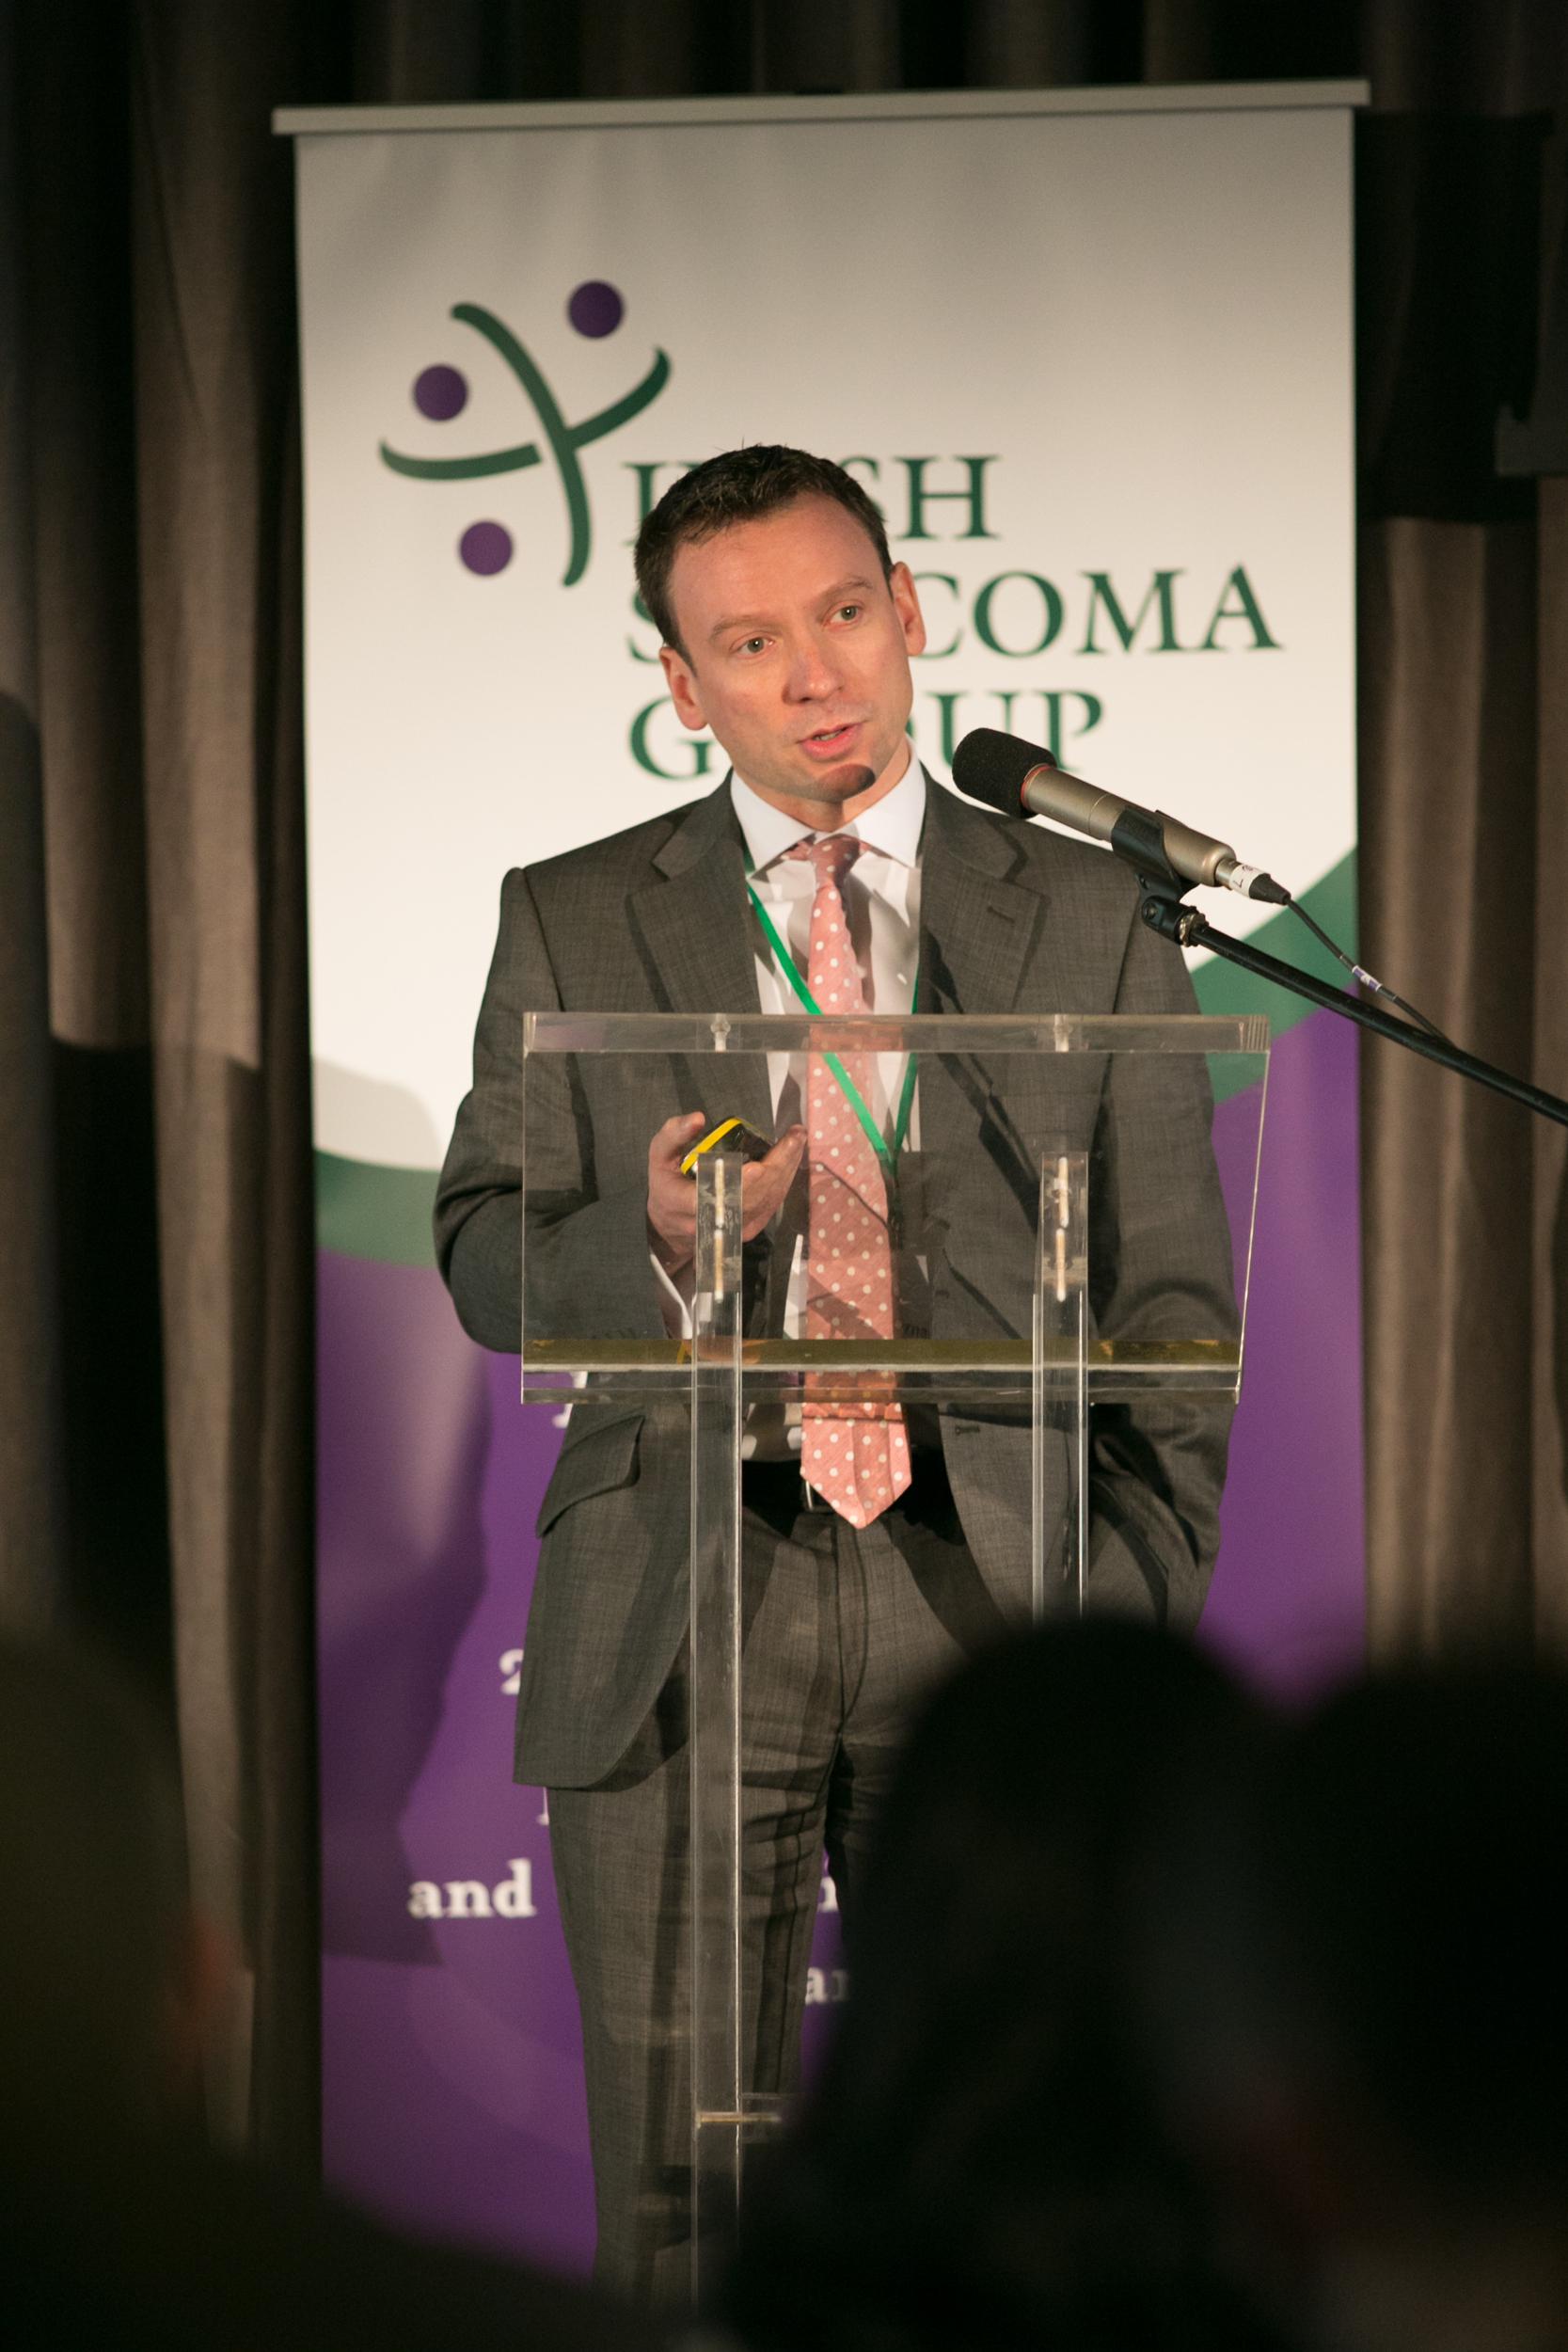 Dr Eric Heffernan, Musculoskeletal Radiologist, St Vincent's Hospital